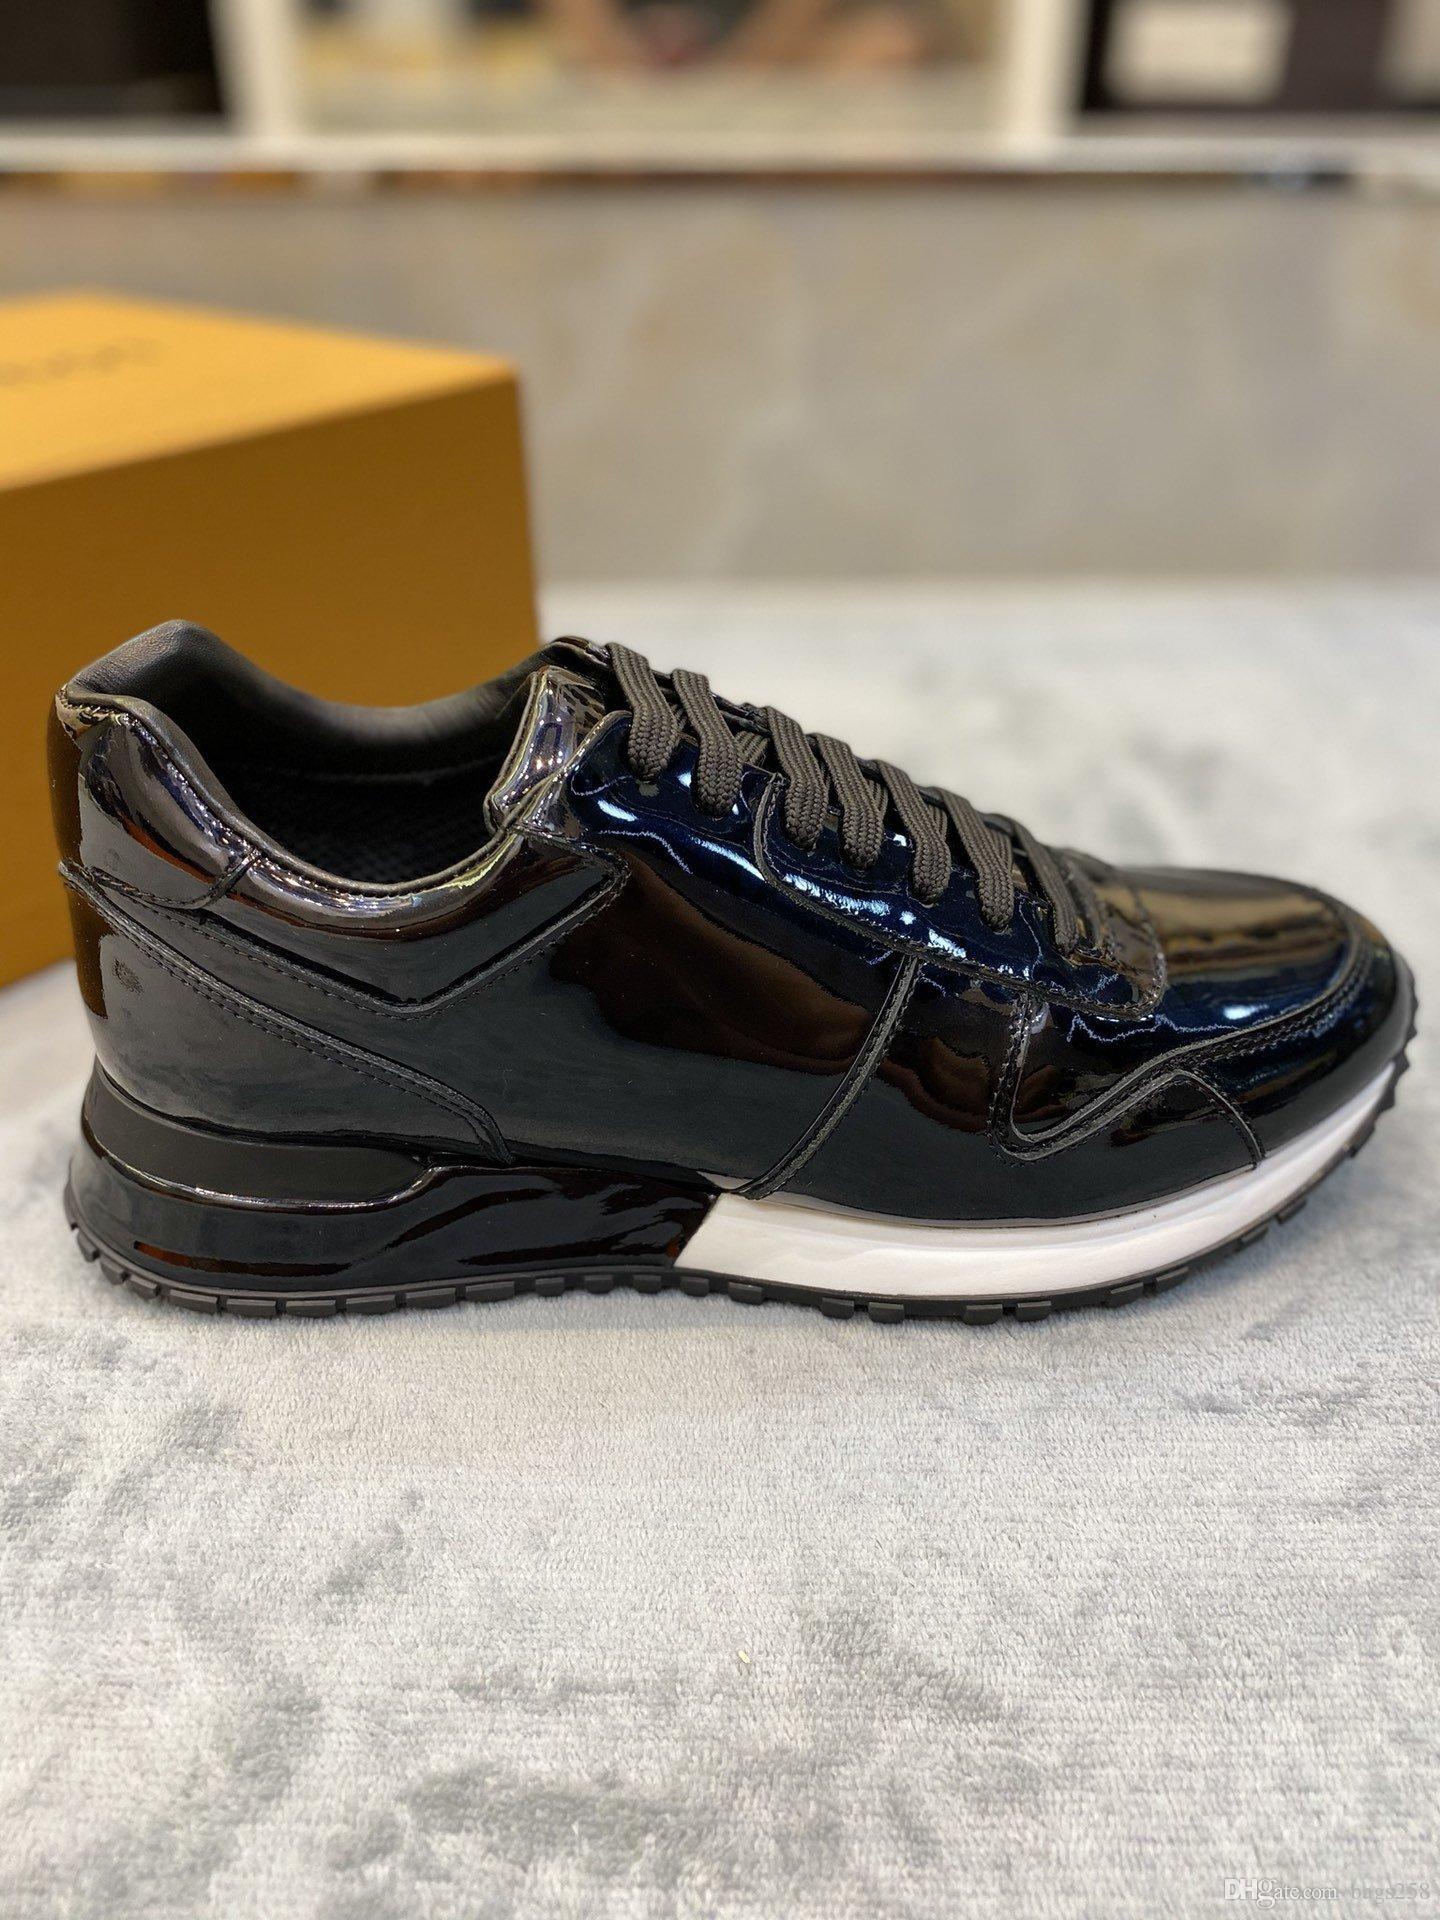 Новый цвет Camo Suede шипованных Камуфляж Rock тапки обувь для мужчин Stud Casual Luxury дизайнер обуви кроссовки Chaussures